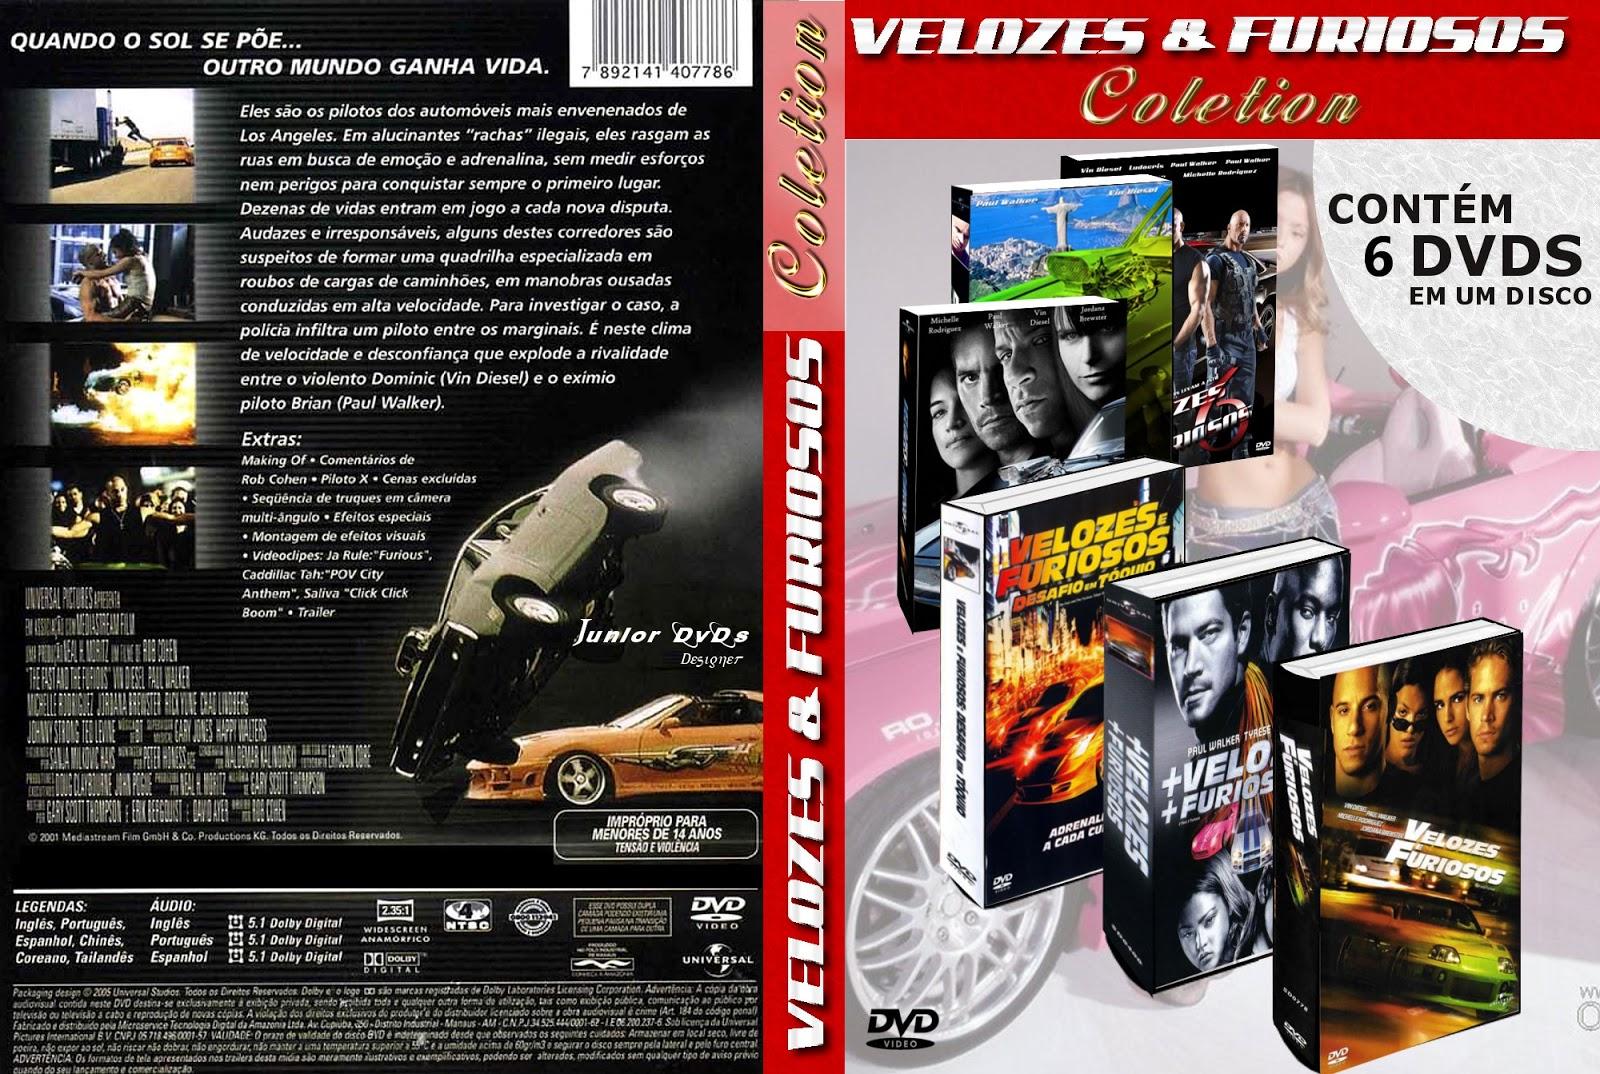 Coleção Velozes e Furiosos DVDRip XviD Dublado COLE C3 87 C3 83O VELOZES E FURIOSOS    JUNIOR DVDS DESIGNER